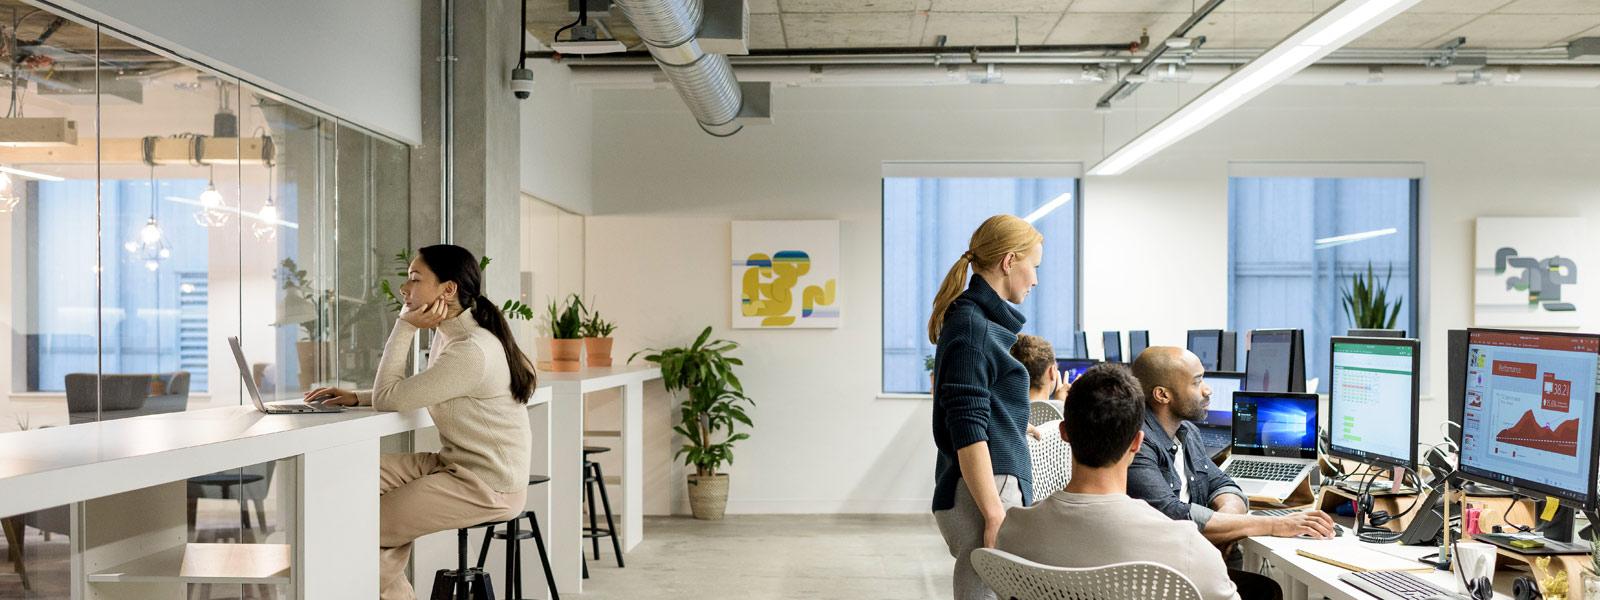 Люди совместно работают в офисе открытого типа